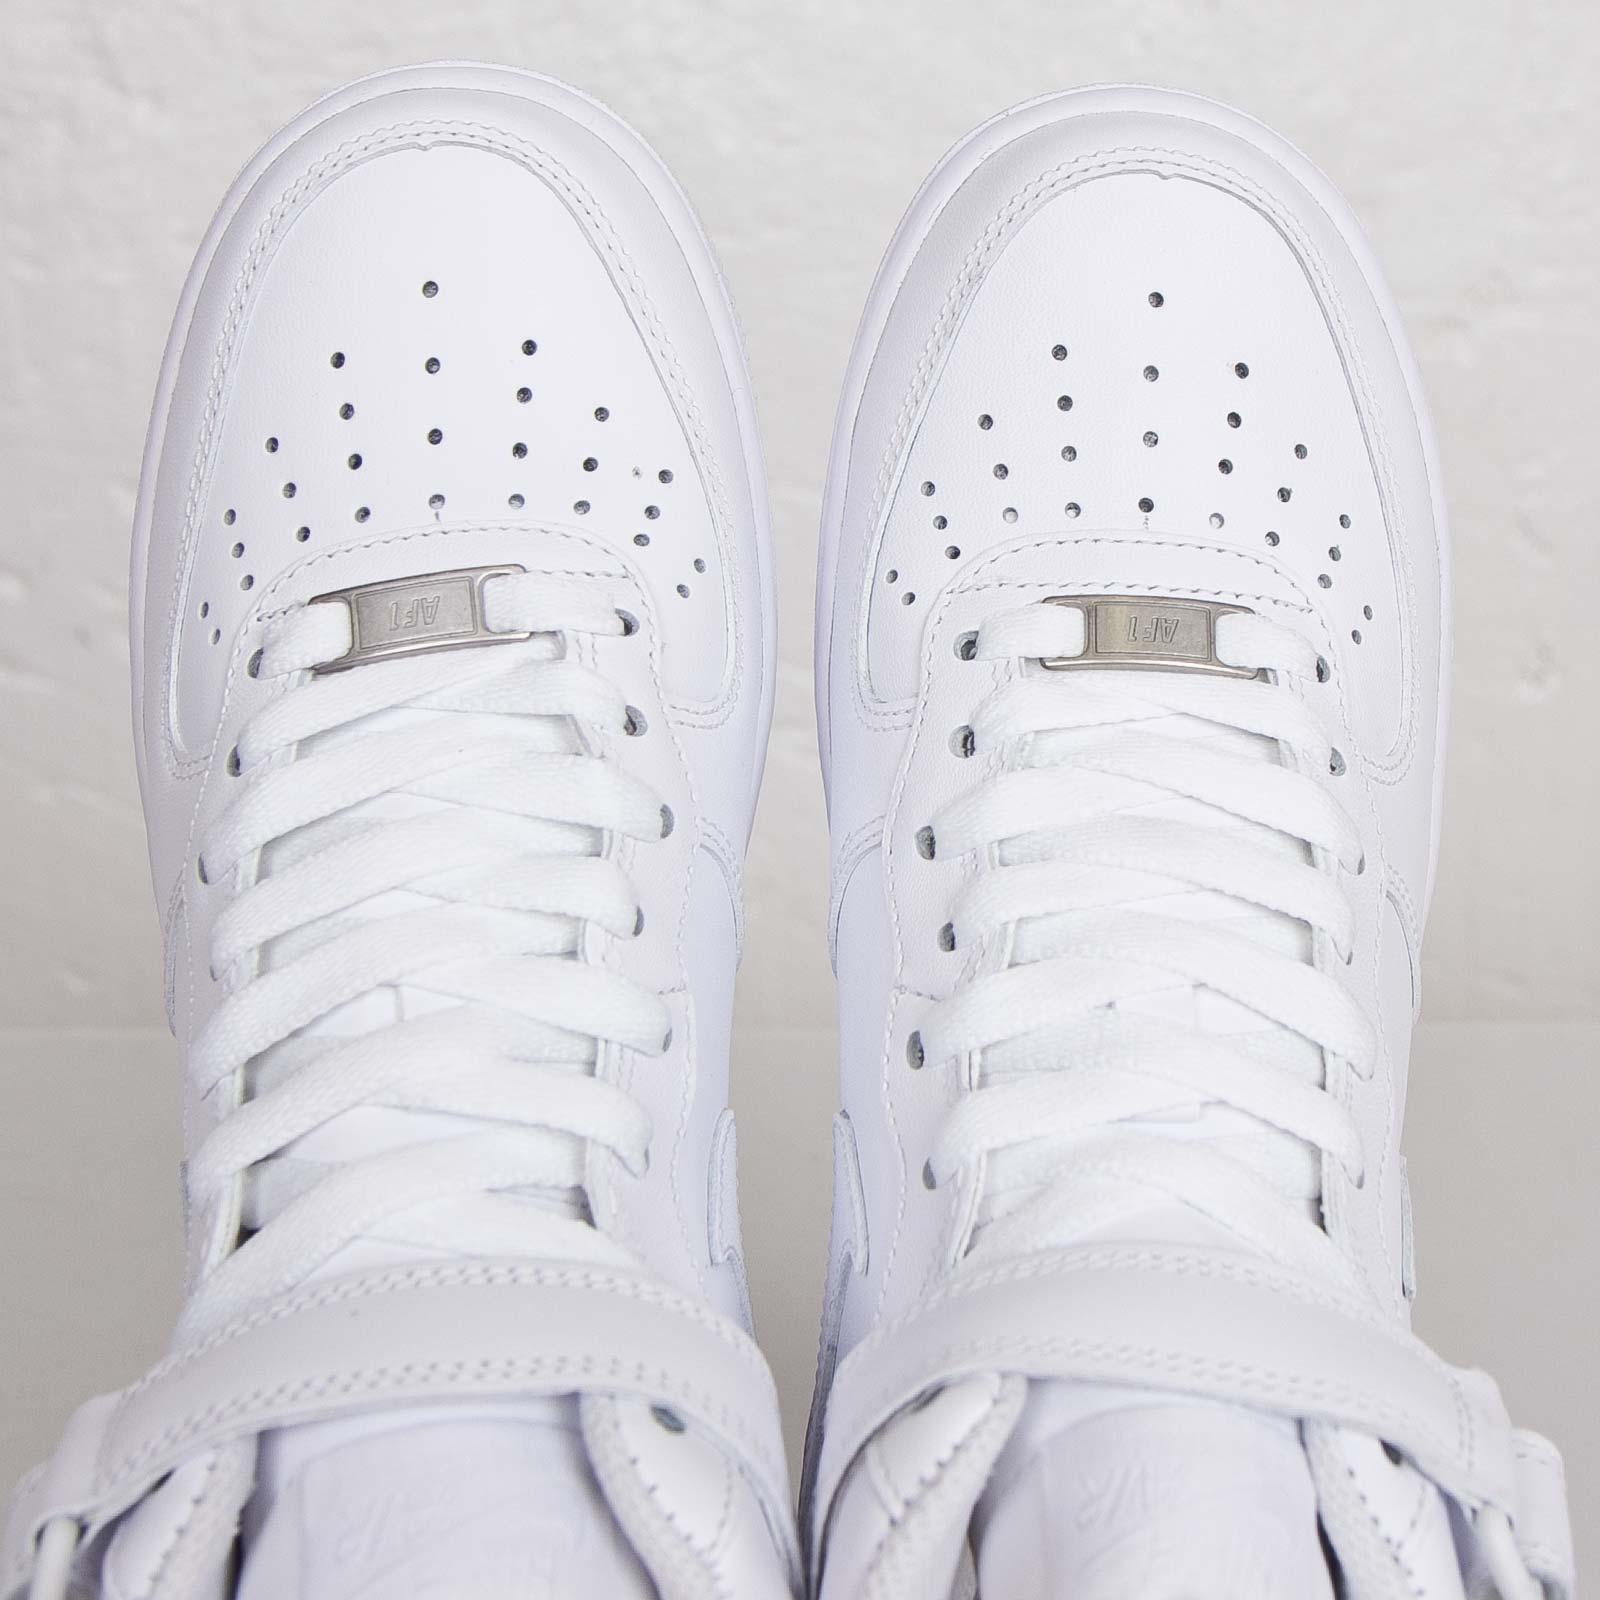 pretty nice 25b69 a7ec6 Nike Wmns Air Force 1 Mid 07 LE - 366731-100 - Sneakersnstuff   sneakers    streetwear online since 1999